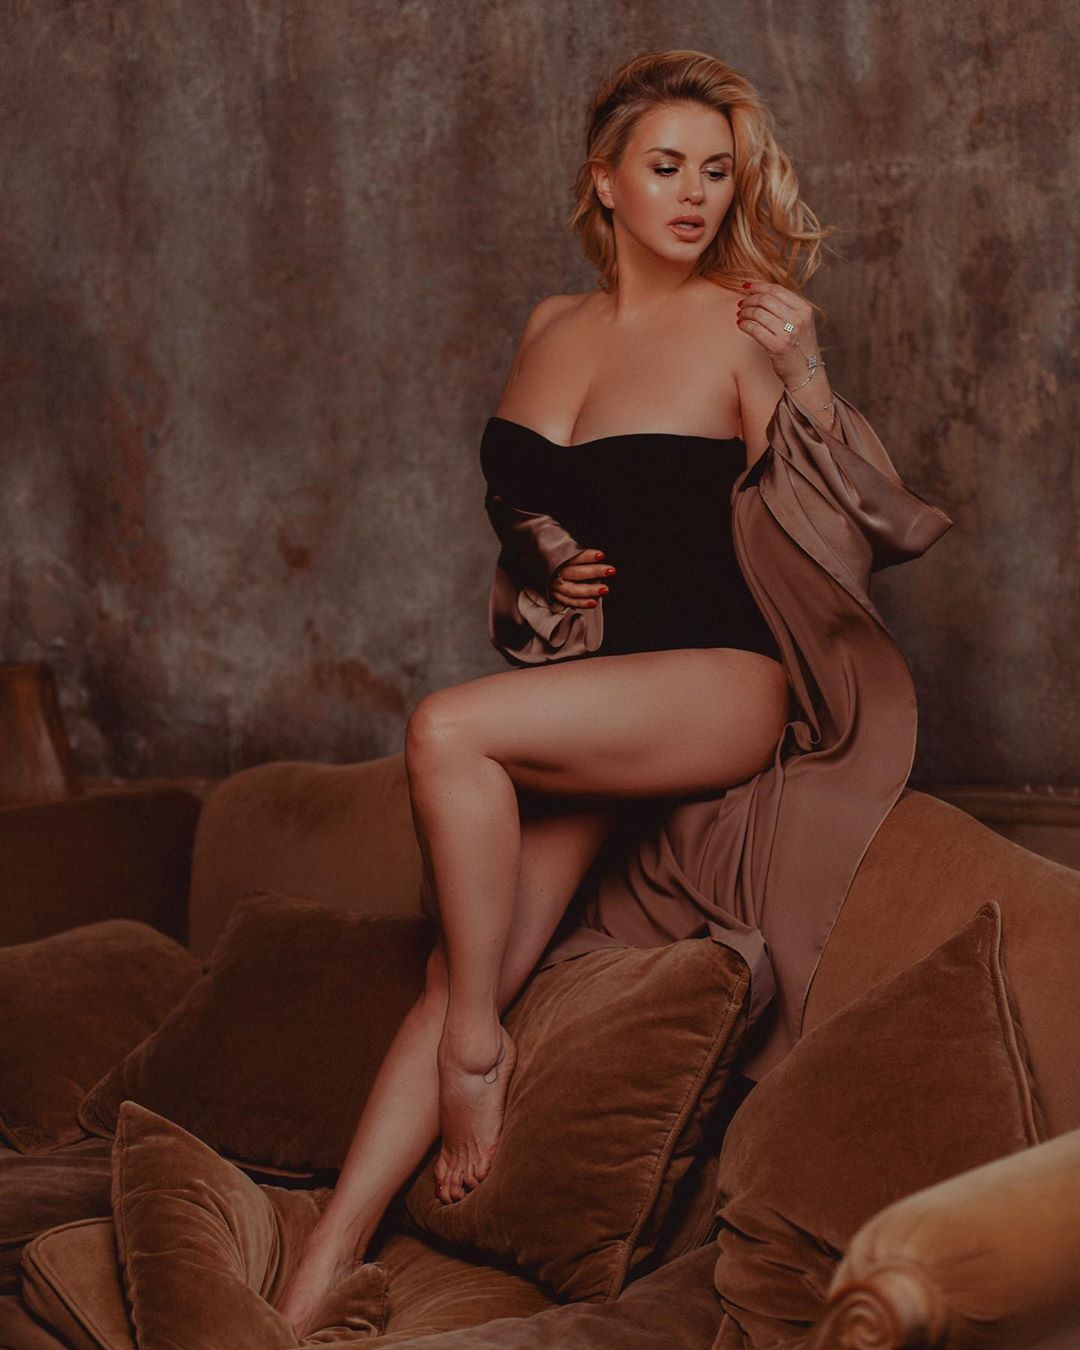 Анна Семенович призналась, что находилась в разрушительных отношениях с мужчиной